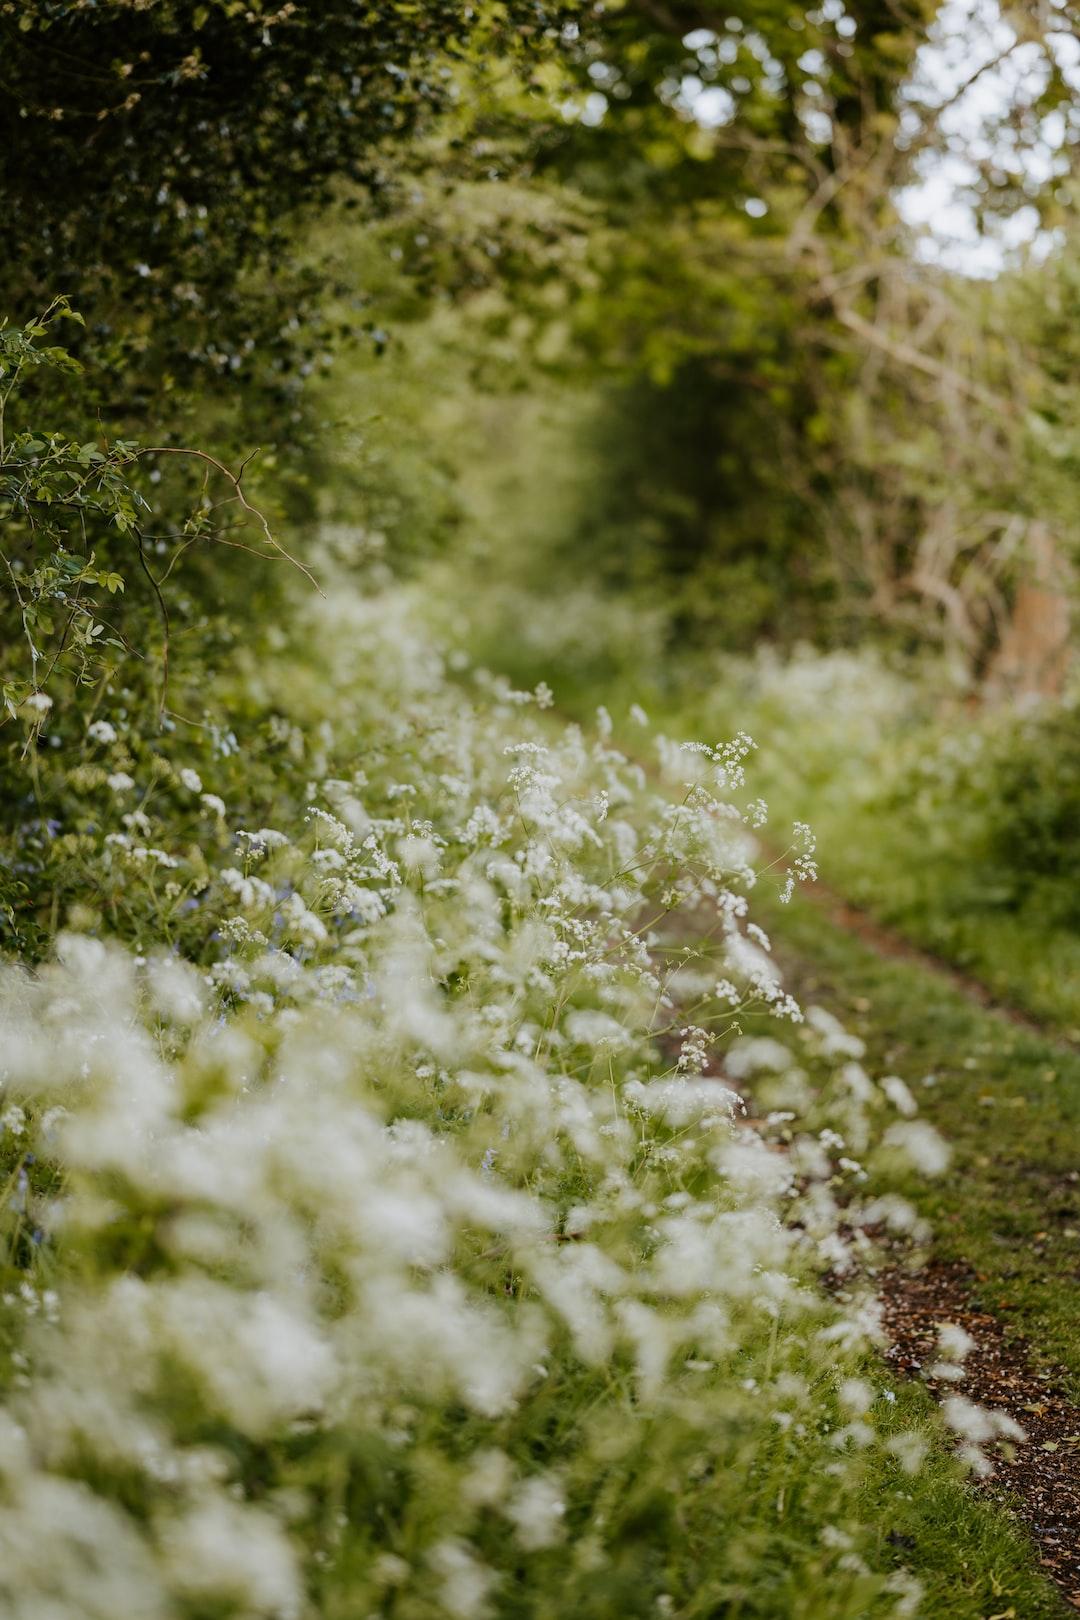 Rural countryside wildflowers